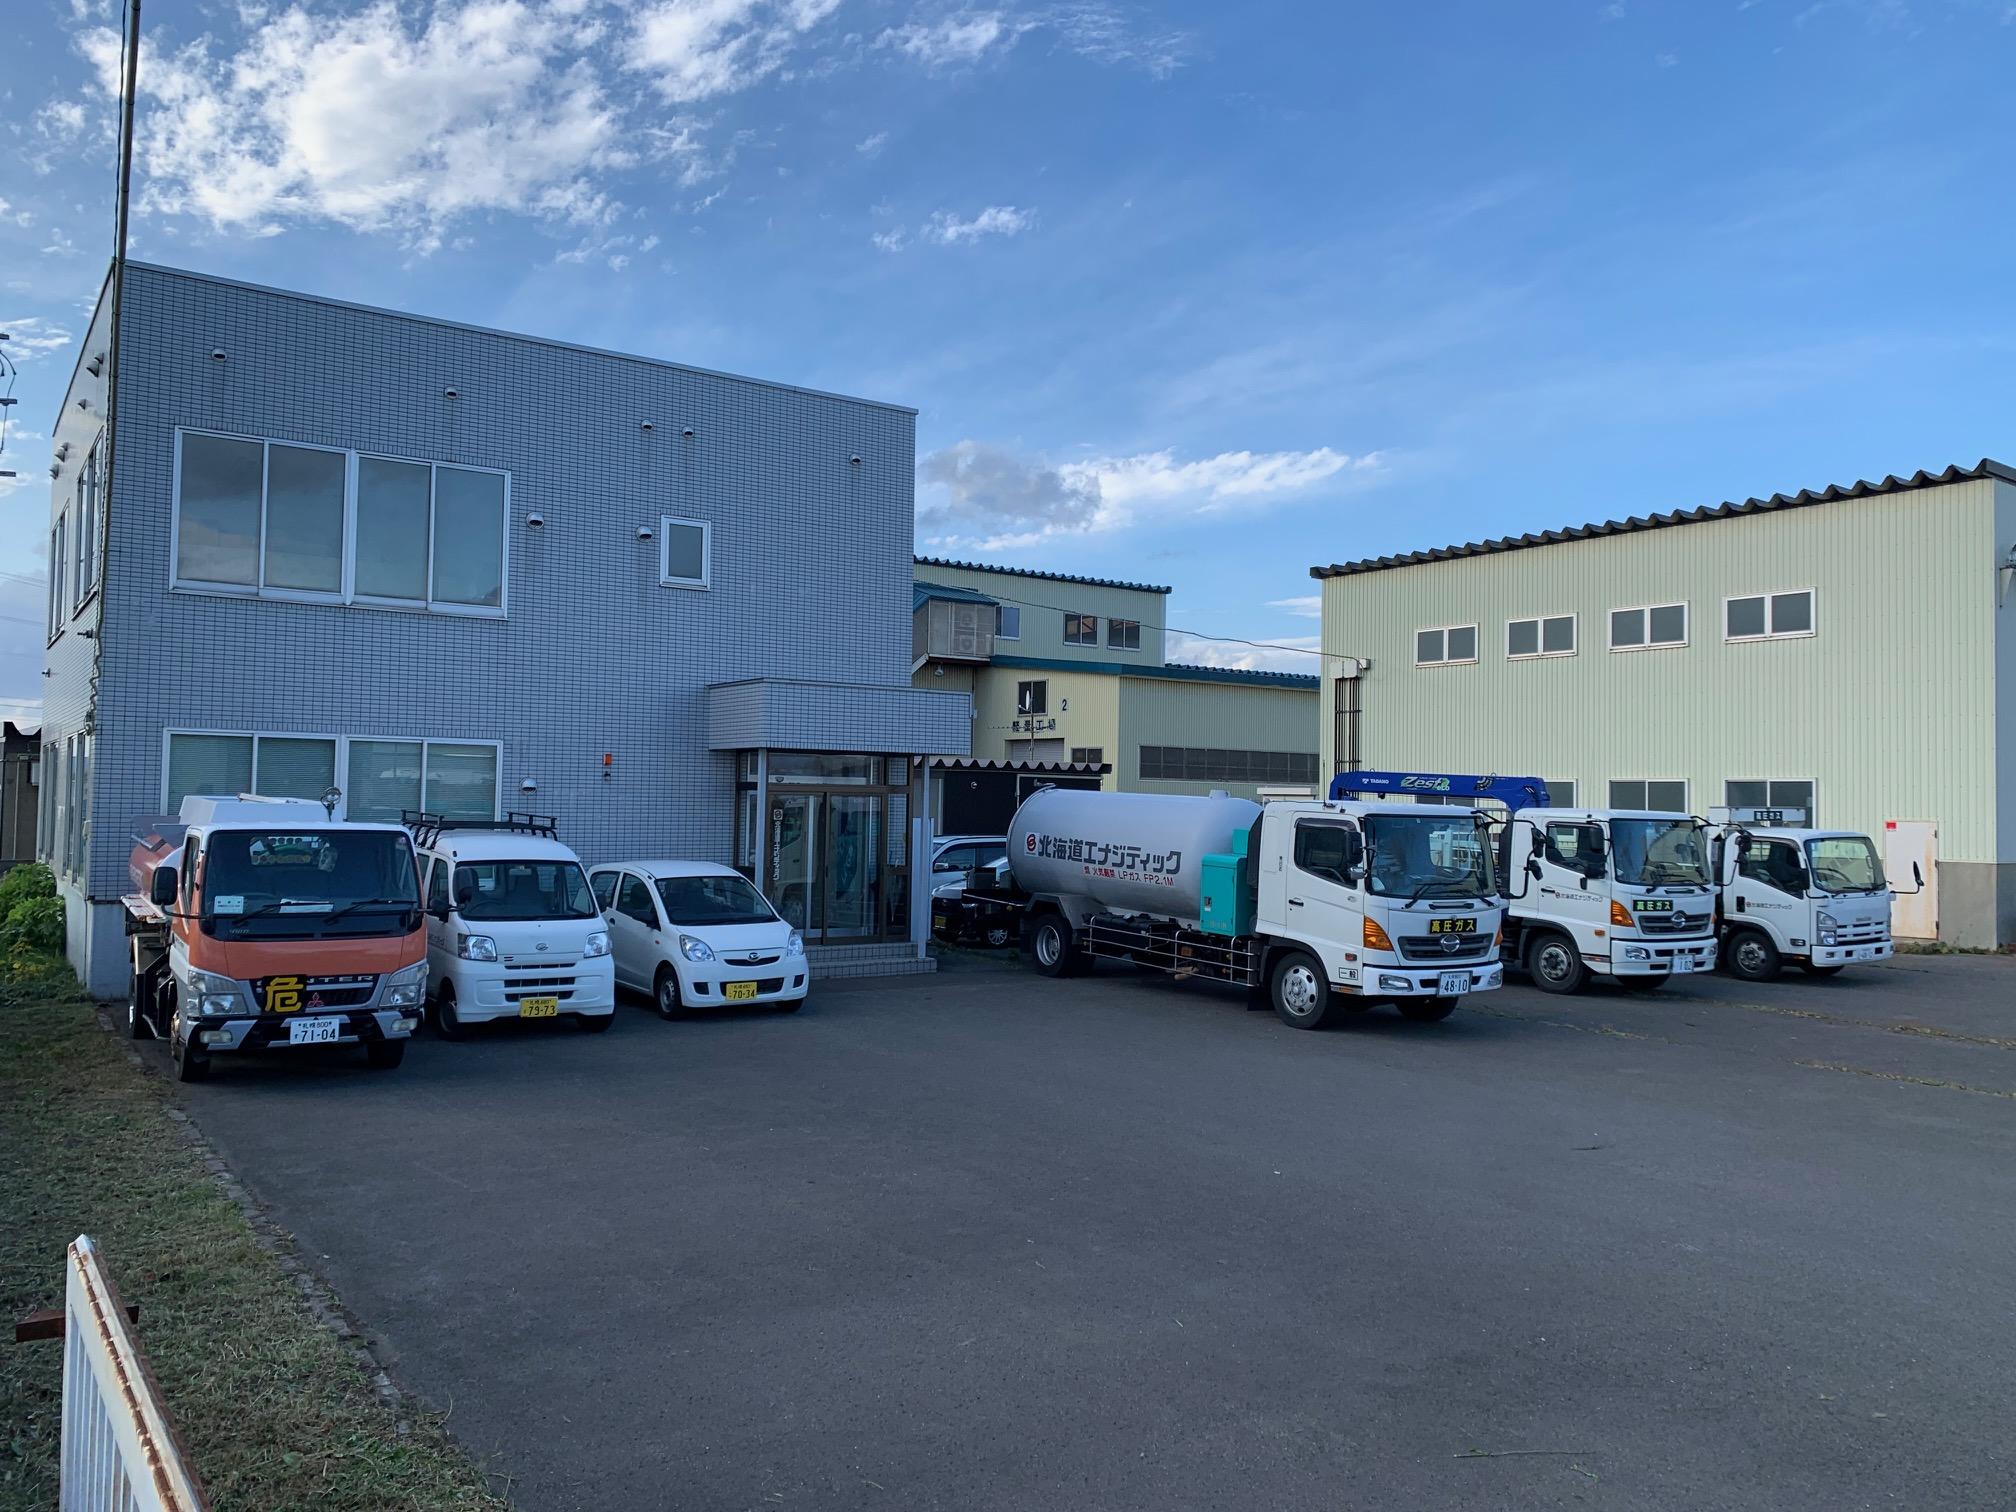 岩見沢営業所・容器・プラント事業所